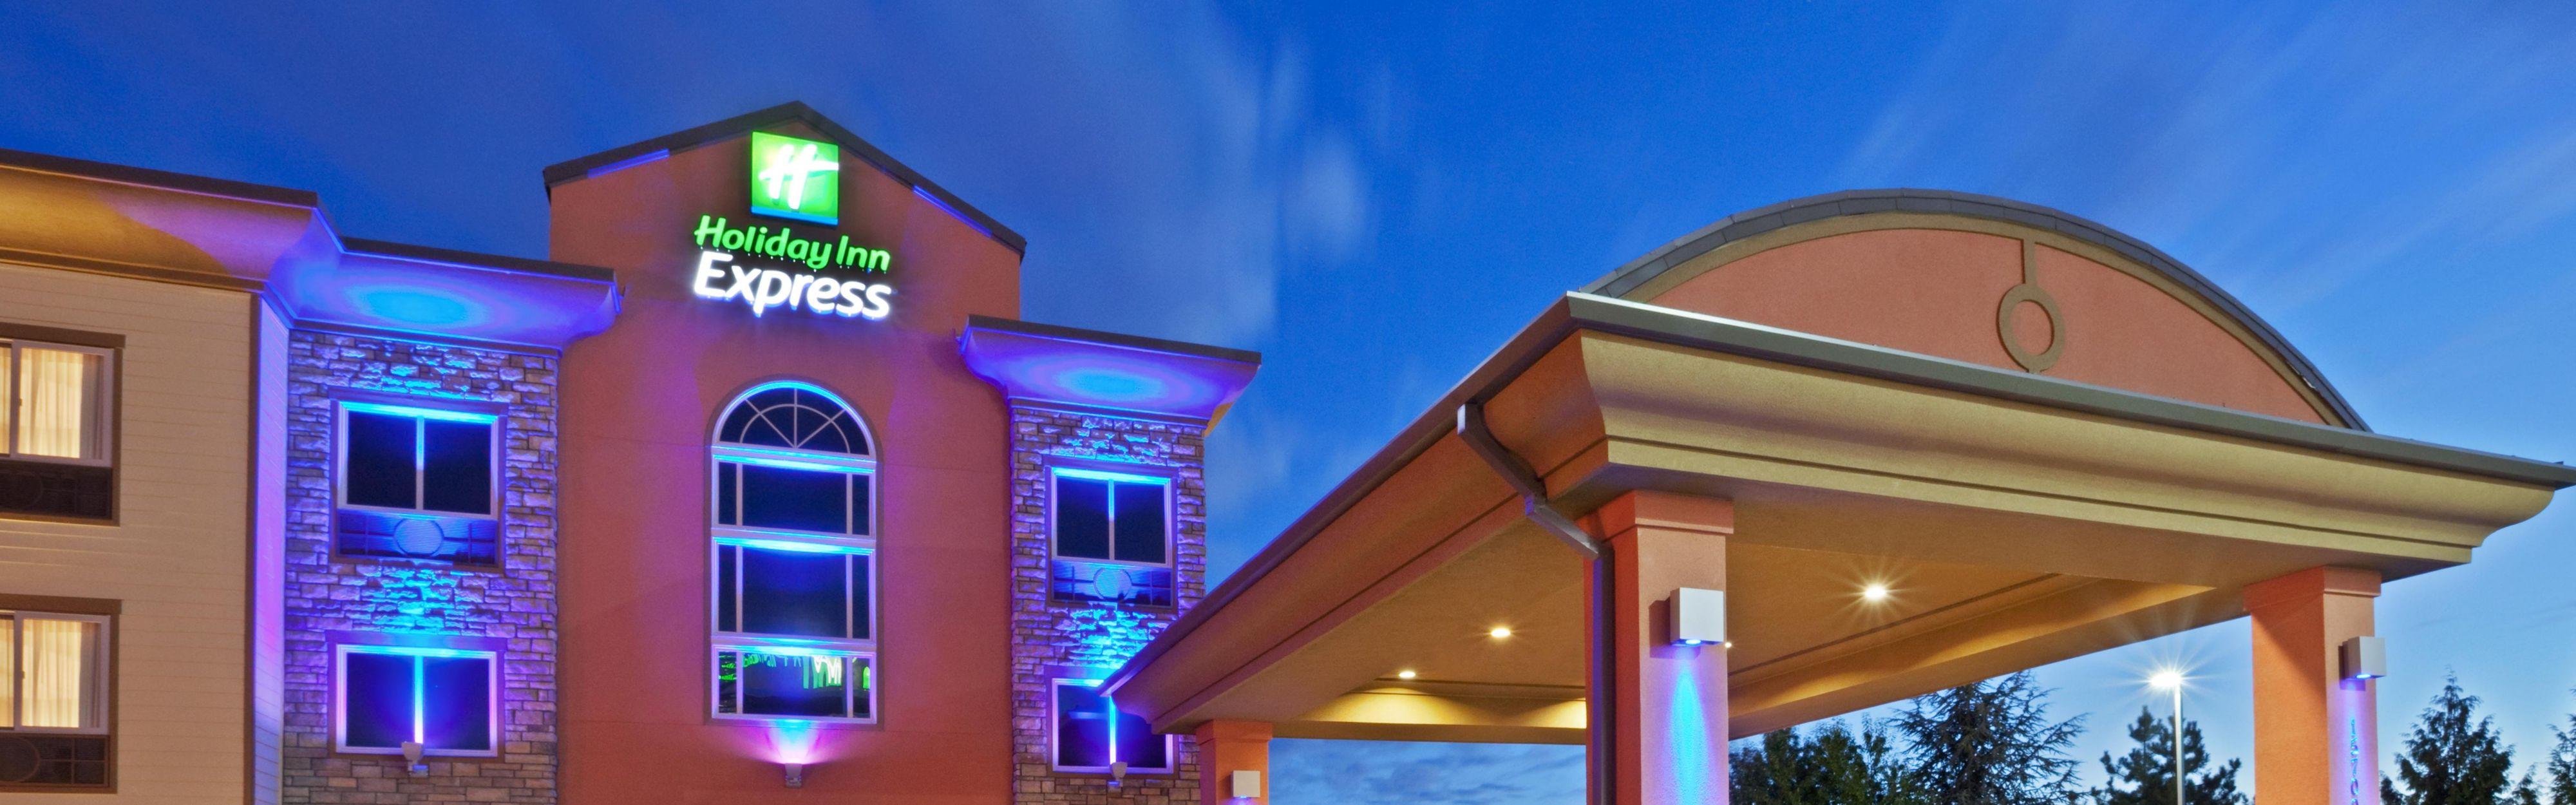 Holiday Inn Express Portland South - Lake Oswego image 0